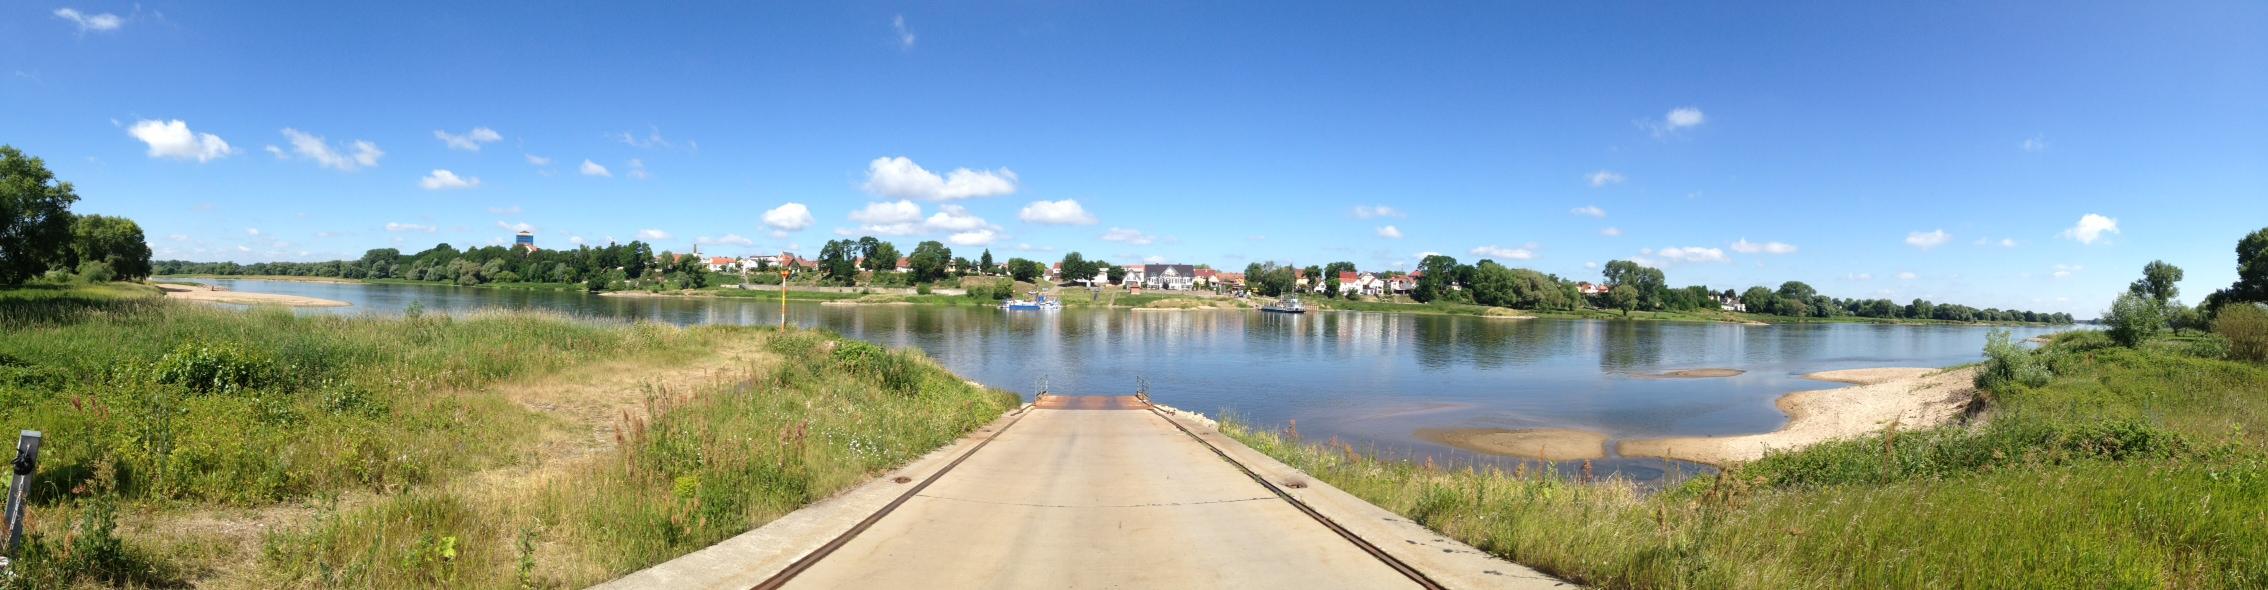 Pano1 Elbe